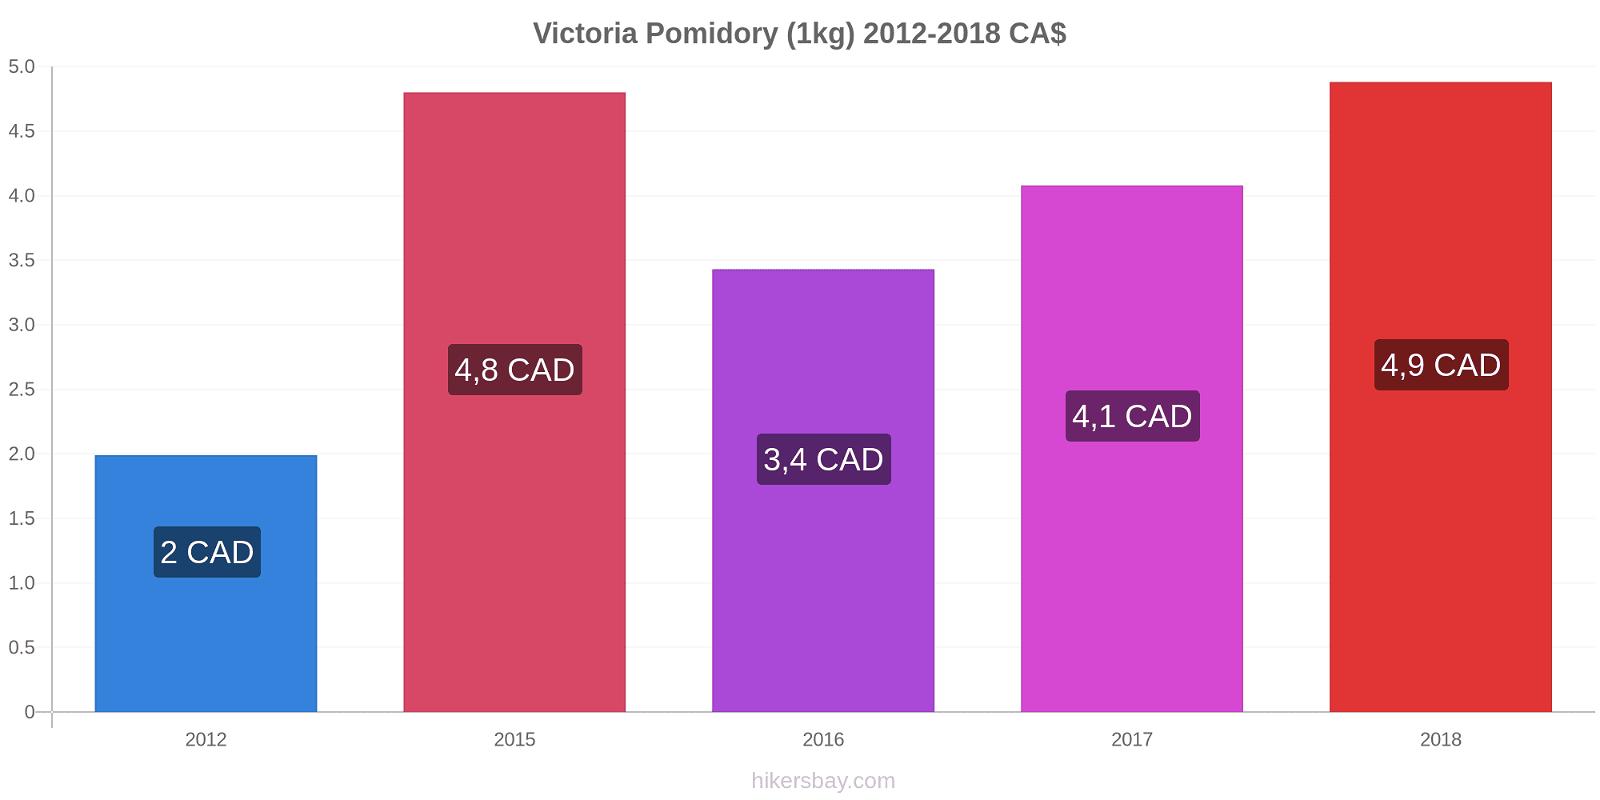 Victoria zmiany cen Pomidory (1kg) hikersbay.com